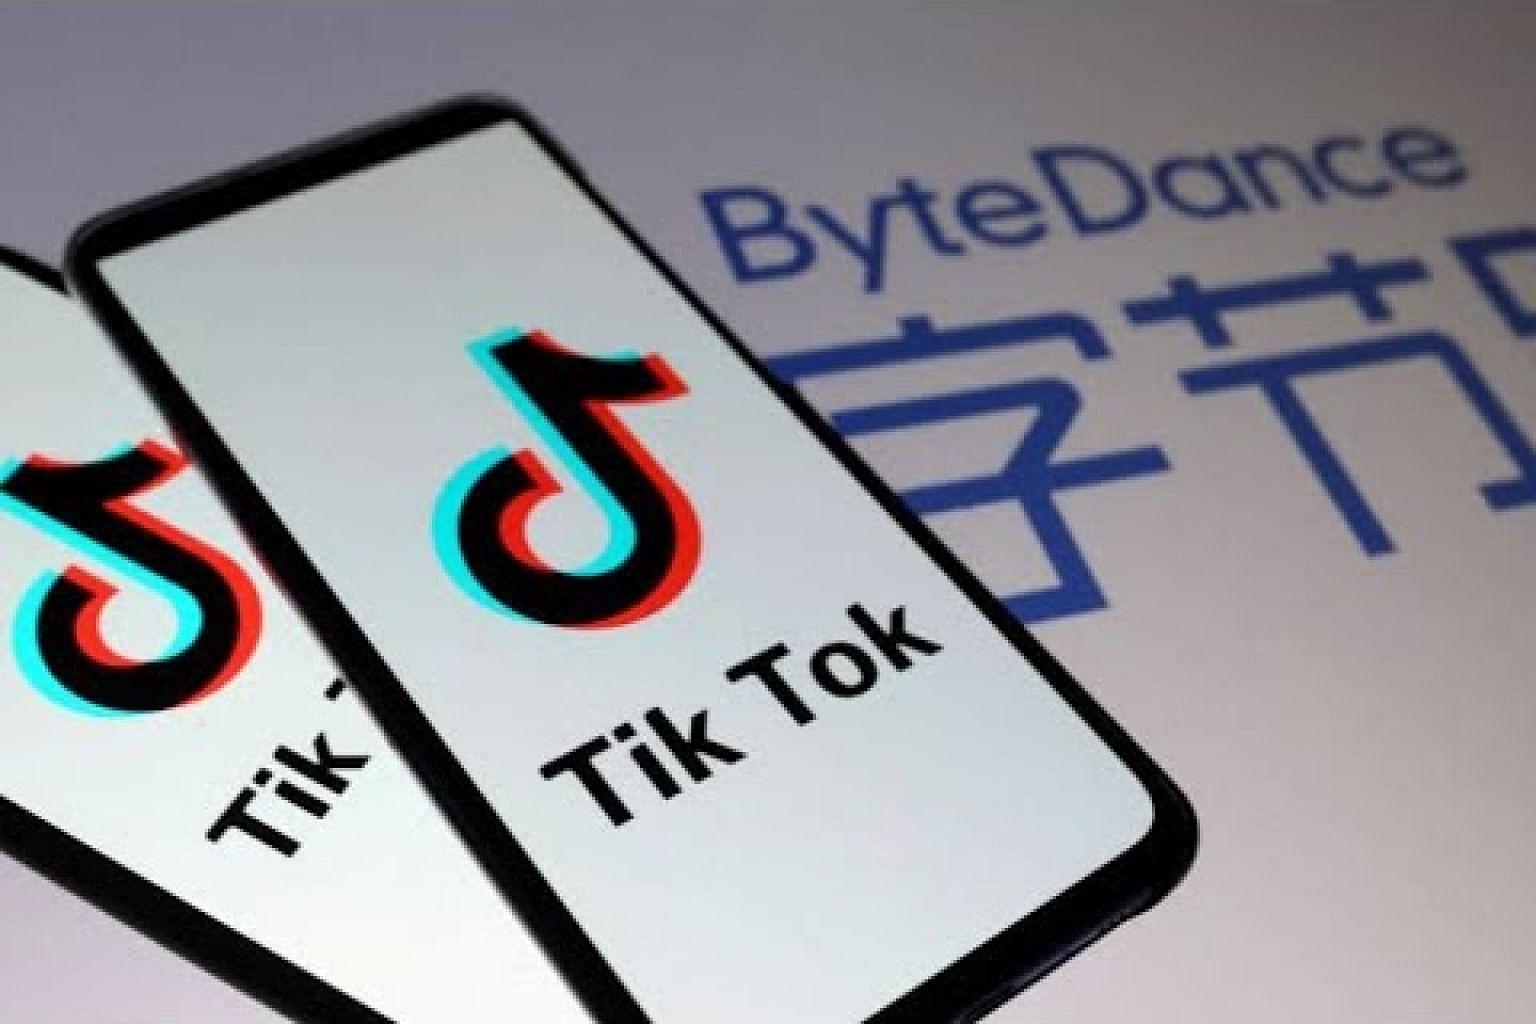 China won't accept TikTok 'theft': China Daily